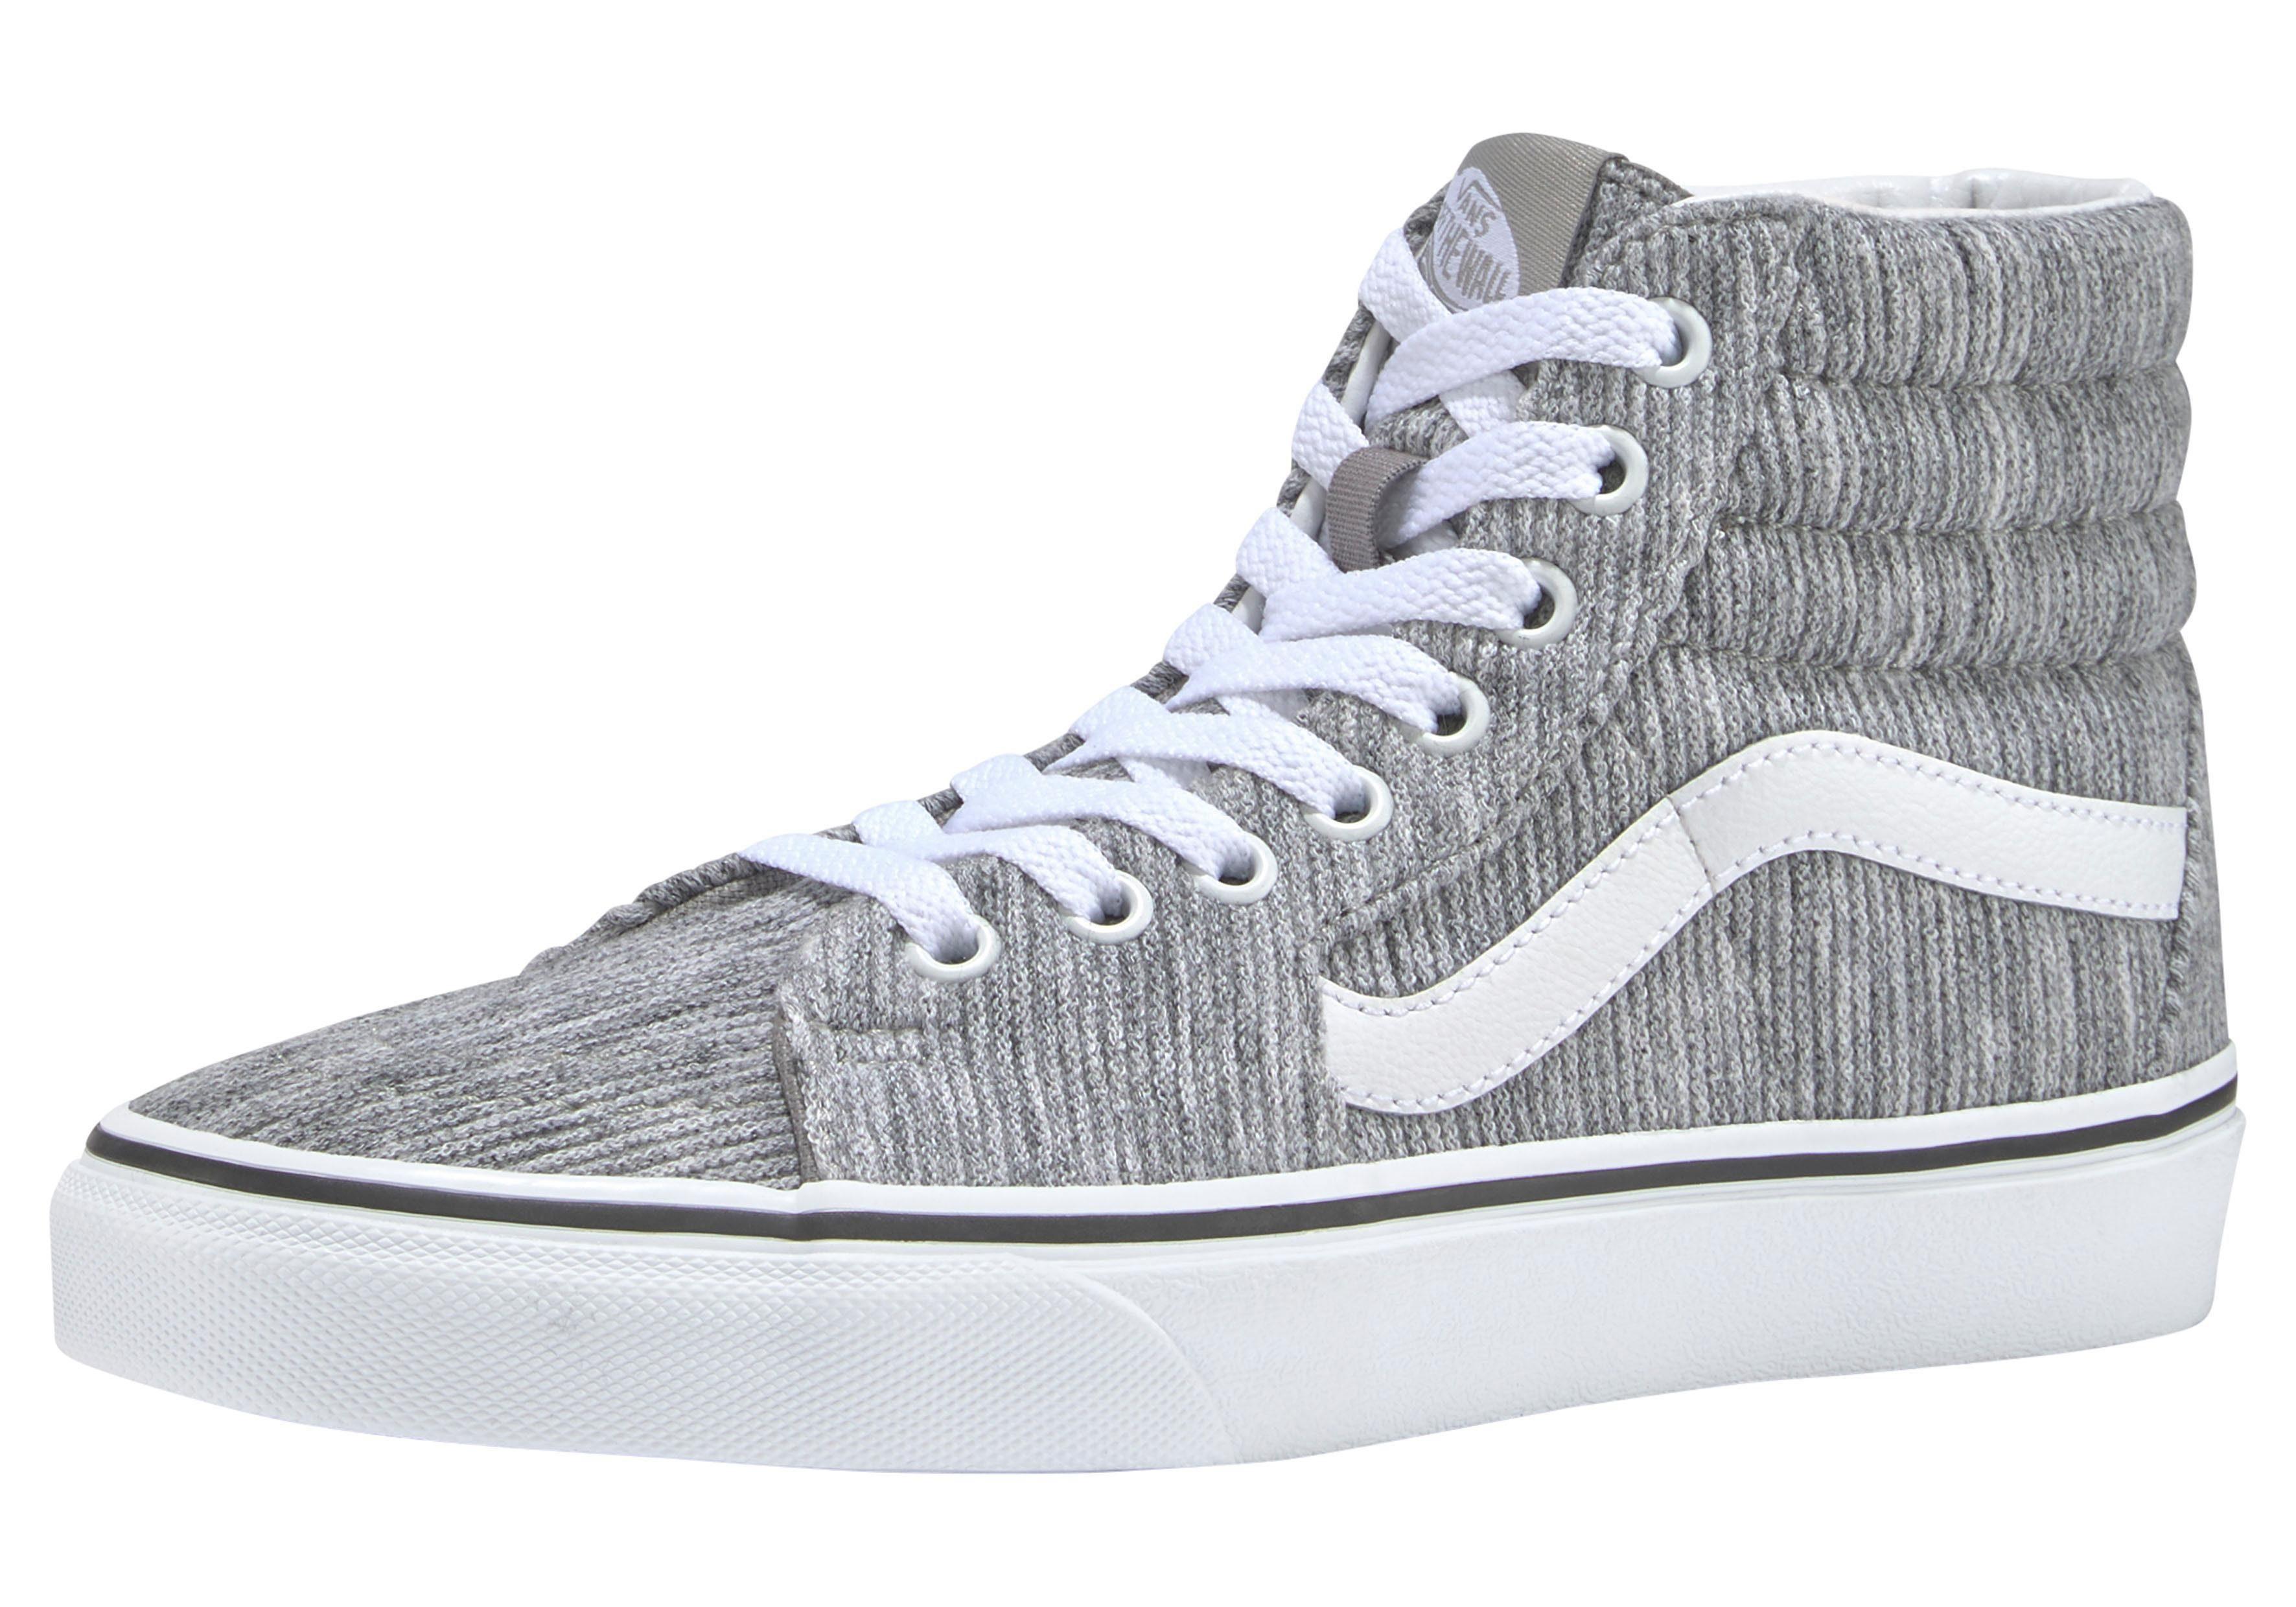 Vans »SK8 Hi« Sneaker, Gepolsterter Einstieg für bequemes Tragegefühl online kaufen | OTTO